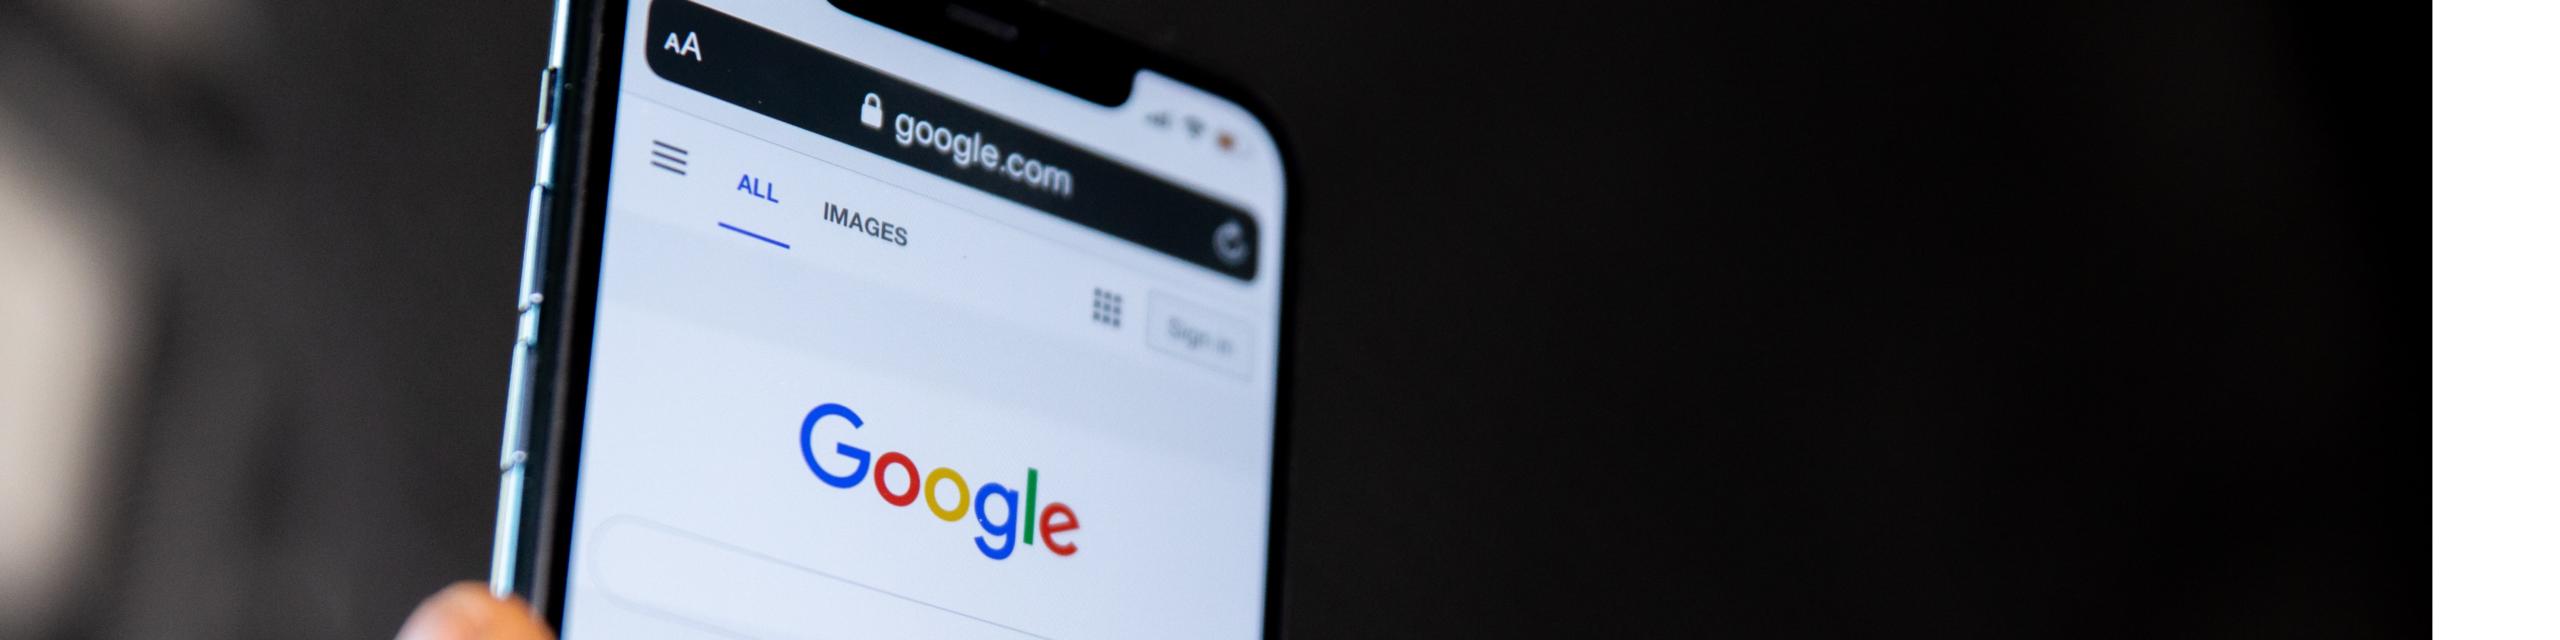 écran téléphone affichant page google